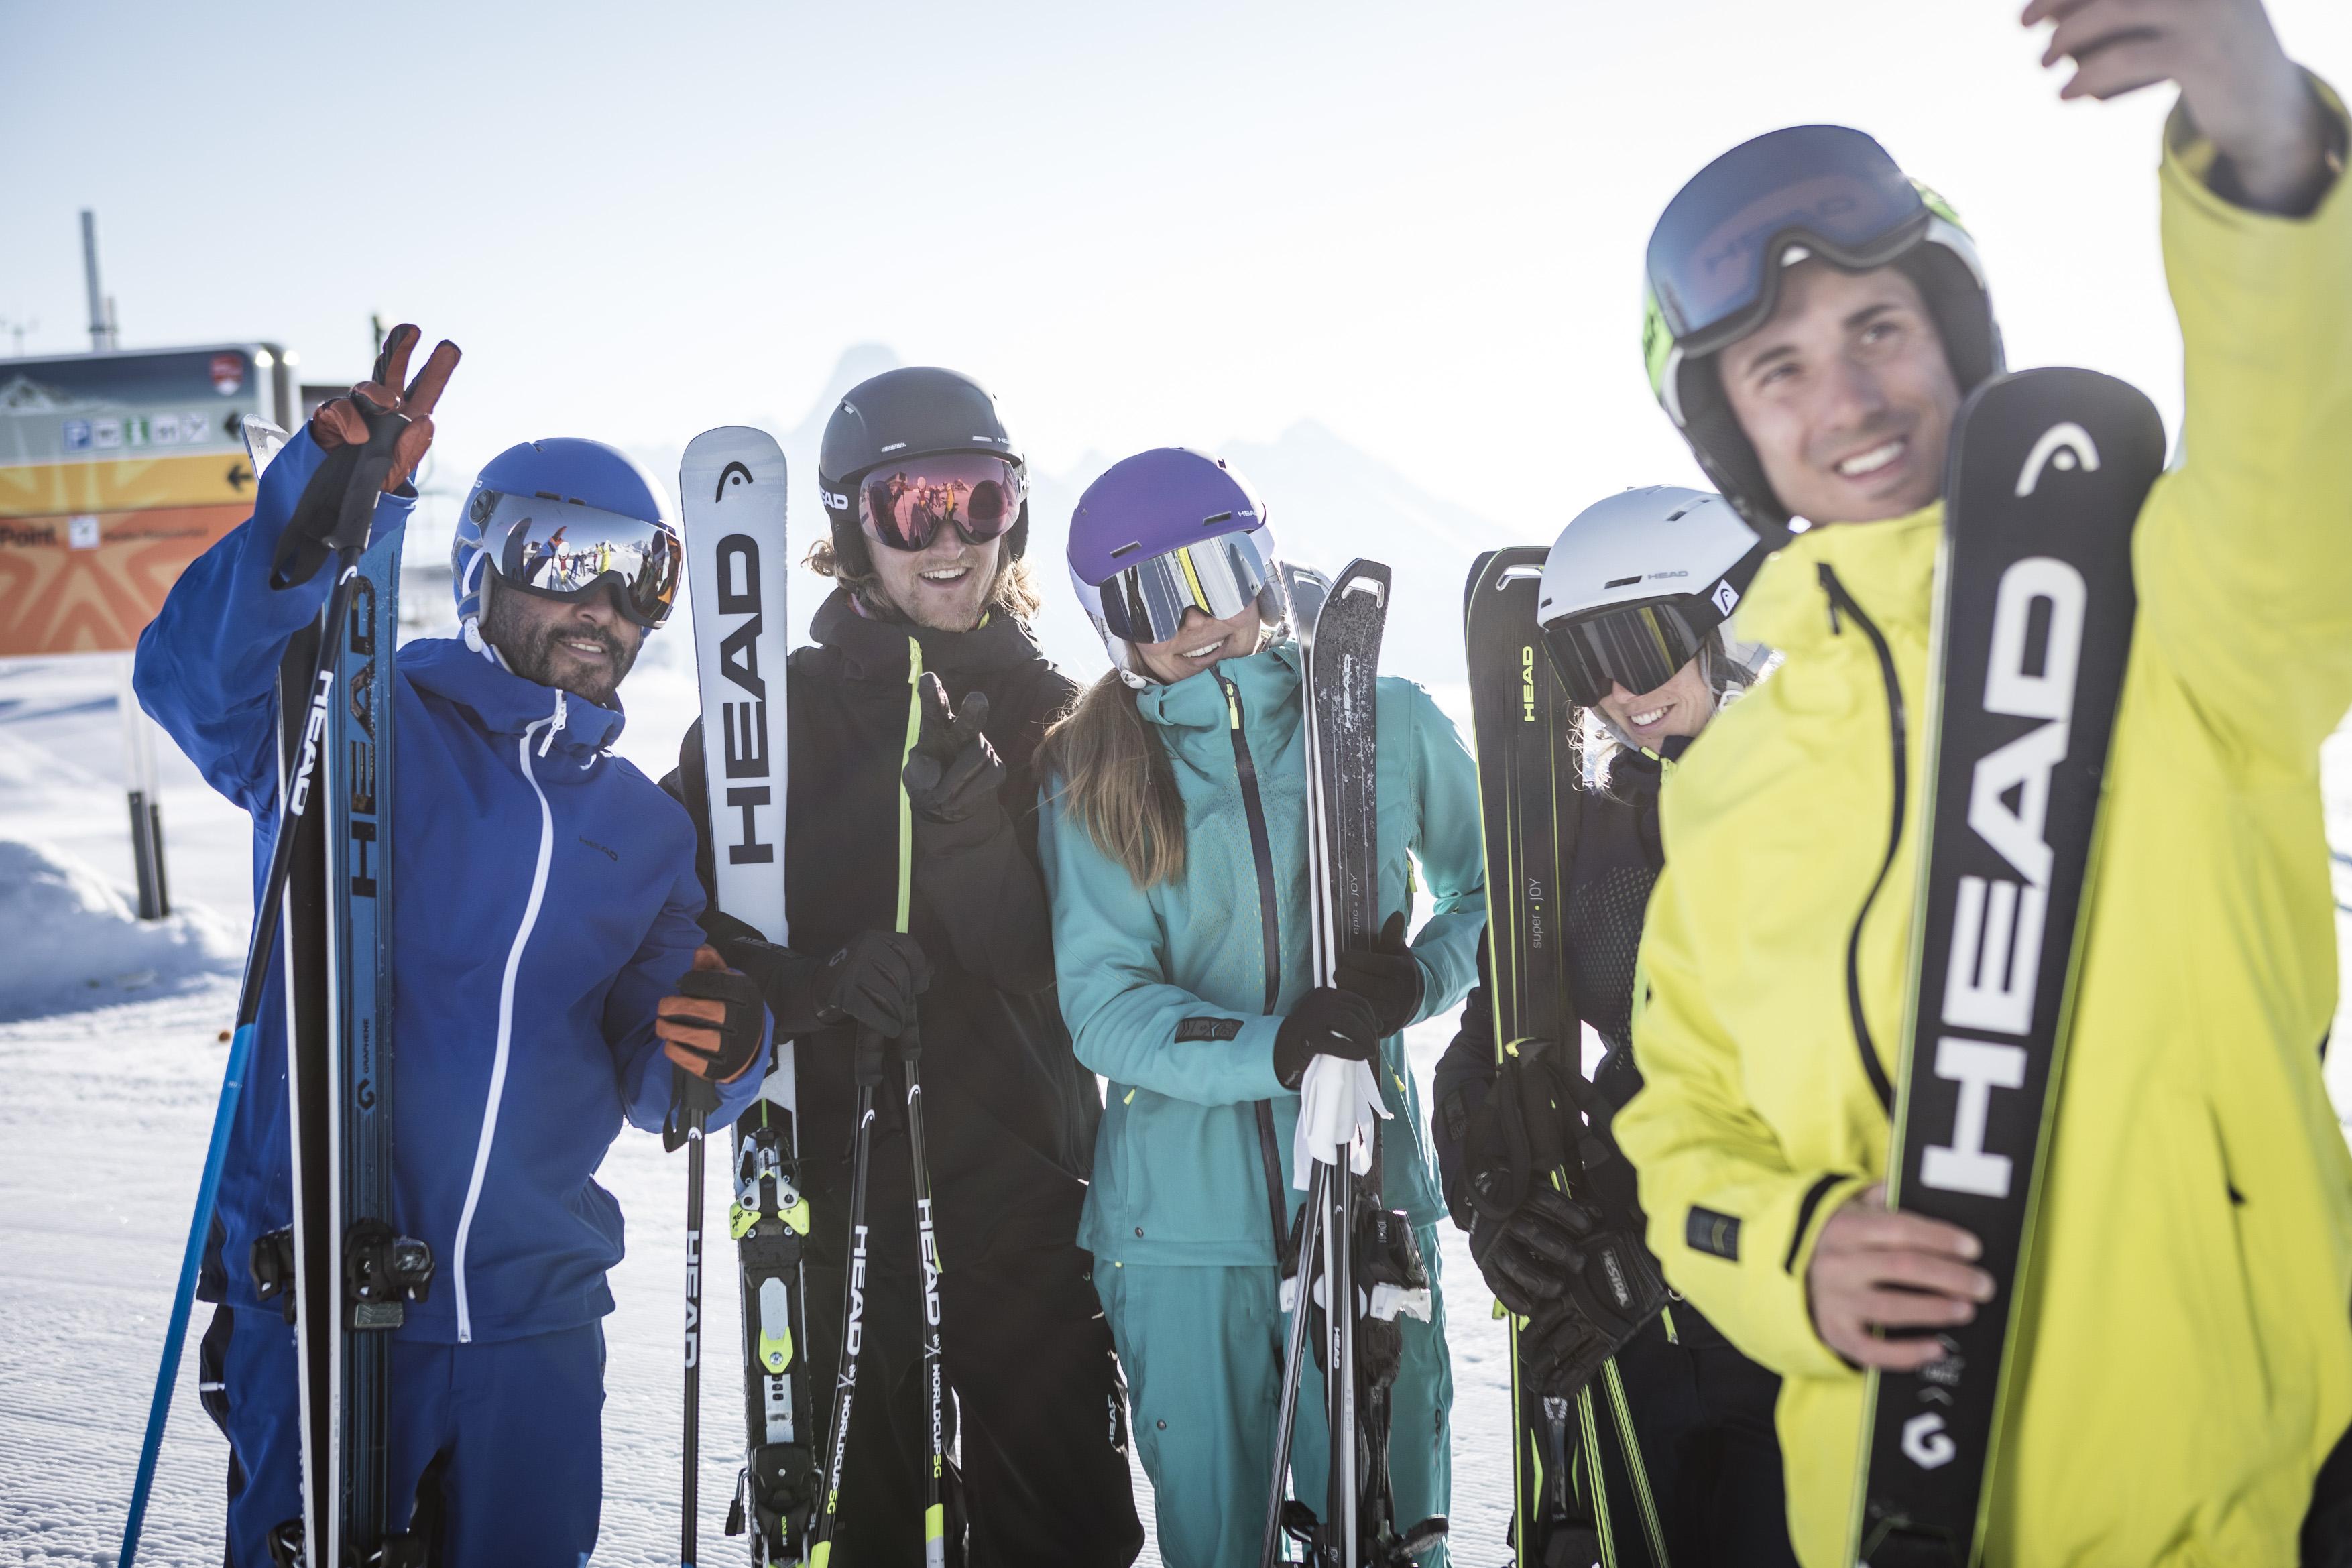 richtige Skilänge